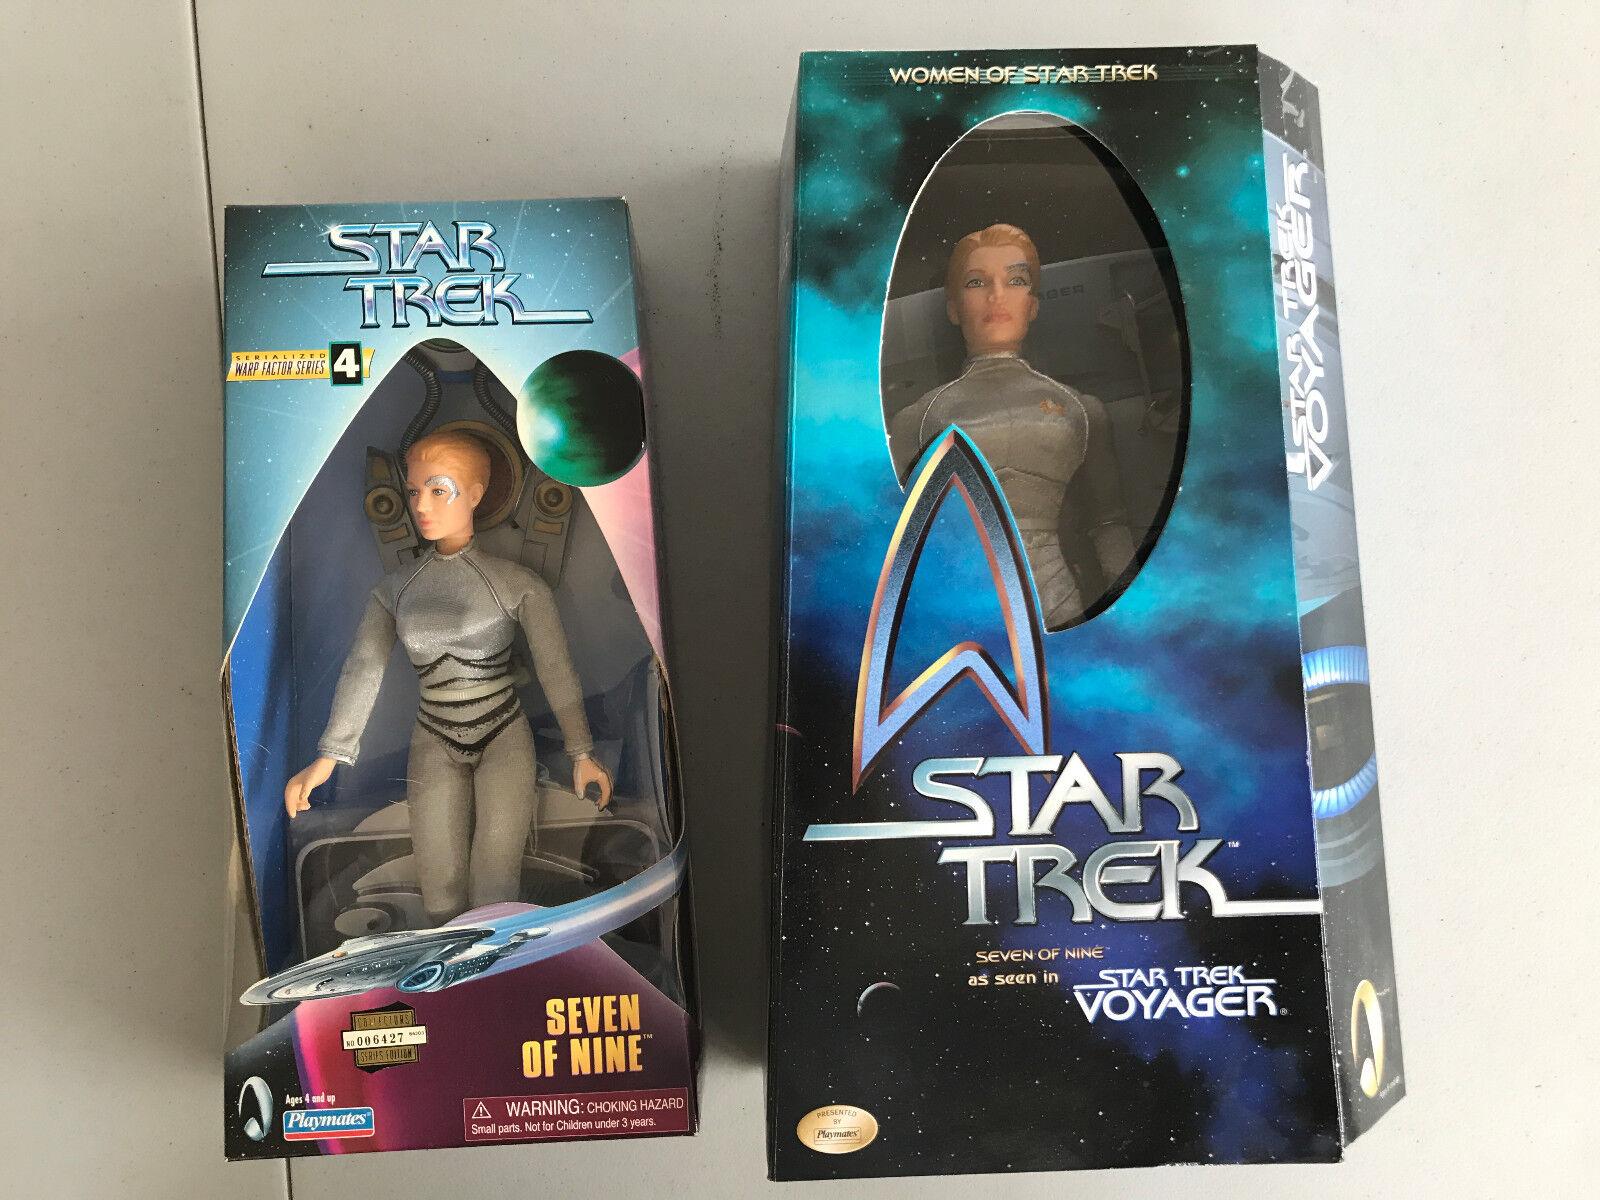 Women of Star Trek  SEVEN SEVEN SEVEN OF NINE 12 inch figure & Warp Factor Series 4 - 7 of 9 5464eb